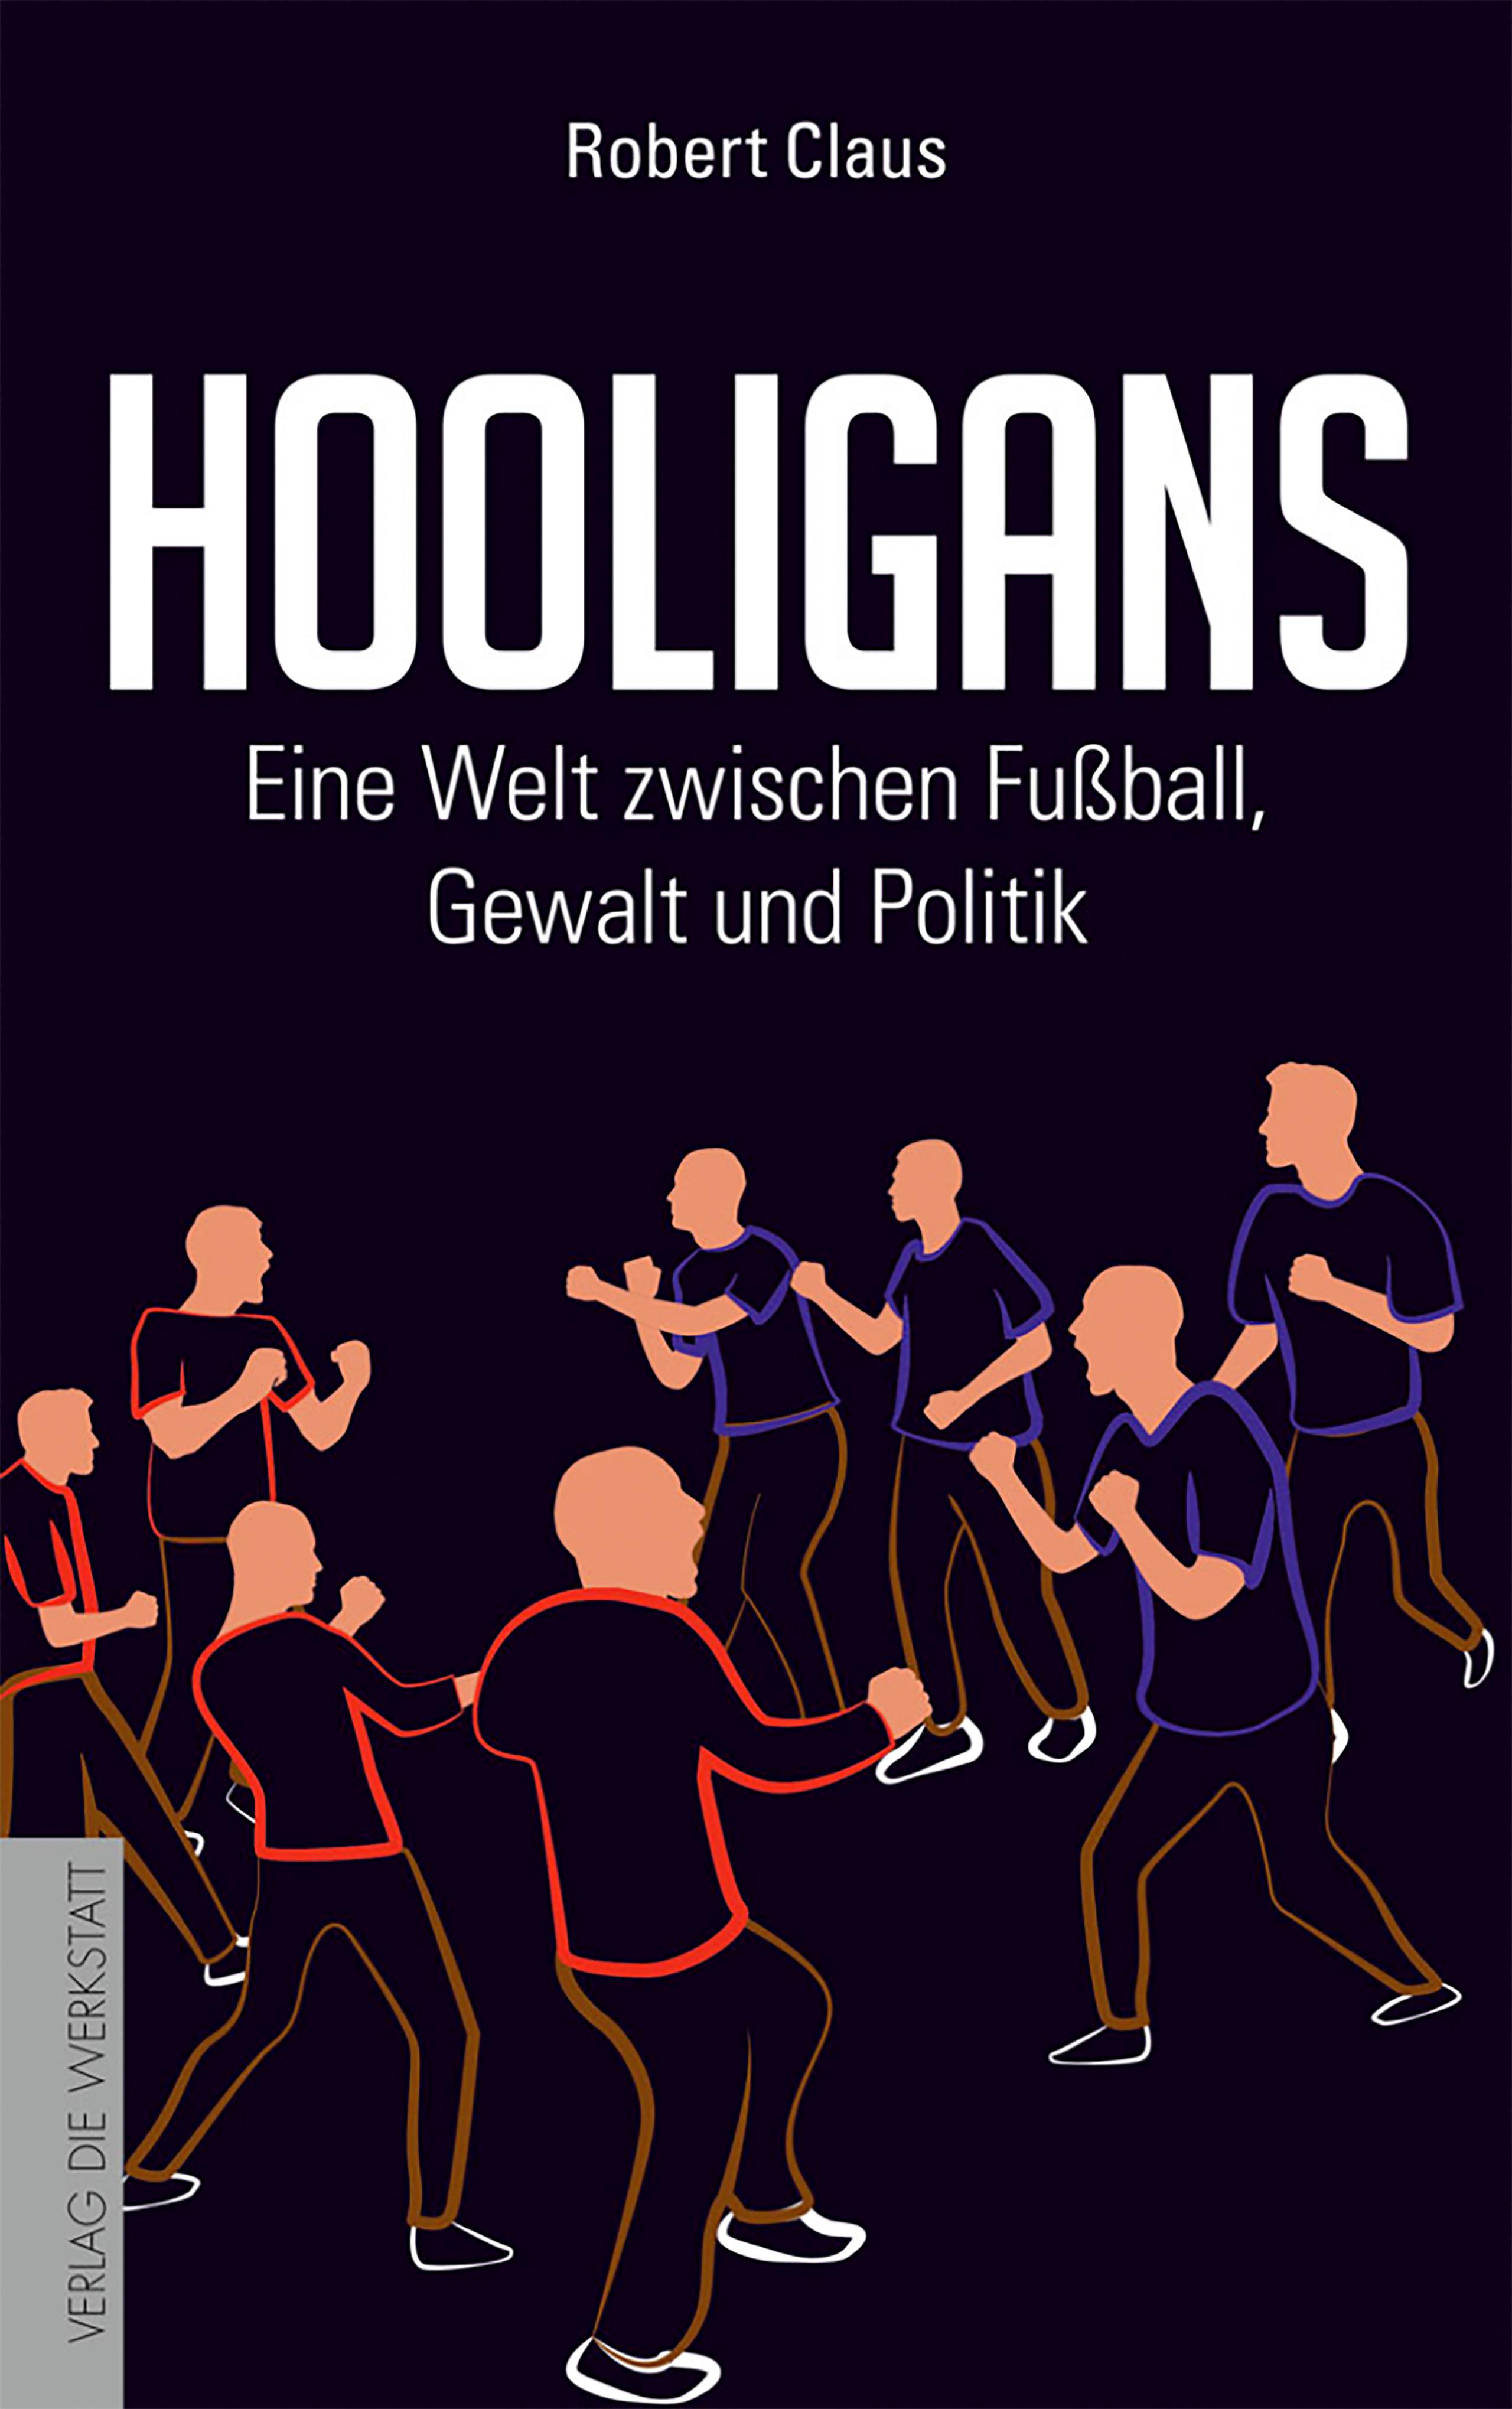 """""""Hooligans. Eine Welt zwischen Fußball, Gewalt und Politik"""" – Lesung in den Fanräumen"""